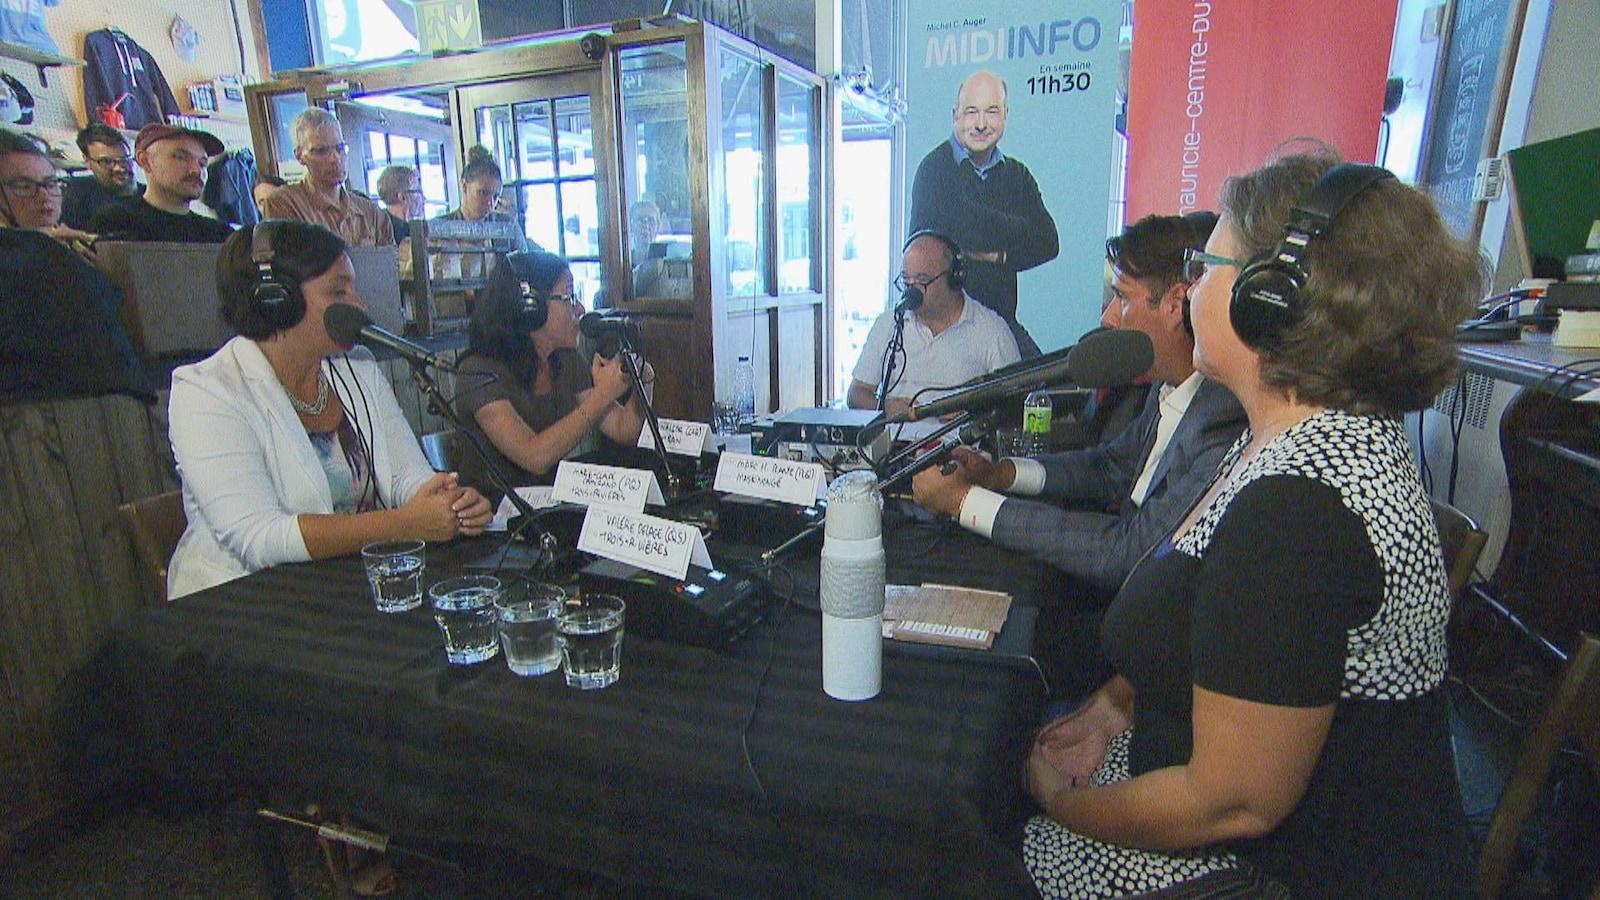 De gauche à droite : la candidate du PQ dans Trois-Rivières, Marie-Claude Camirand, la candidate de la CAQ dans Champlain, Sonia LeBel, Michel C. Auger, le candidat dans Maskinongé pour le PLQ, Marc H. Plante, et la candidate de QS dans Trois-Rivières, Valérie Delage.